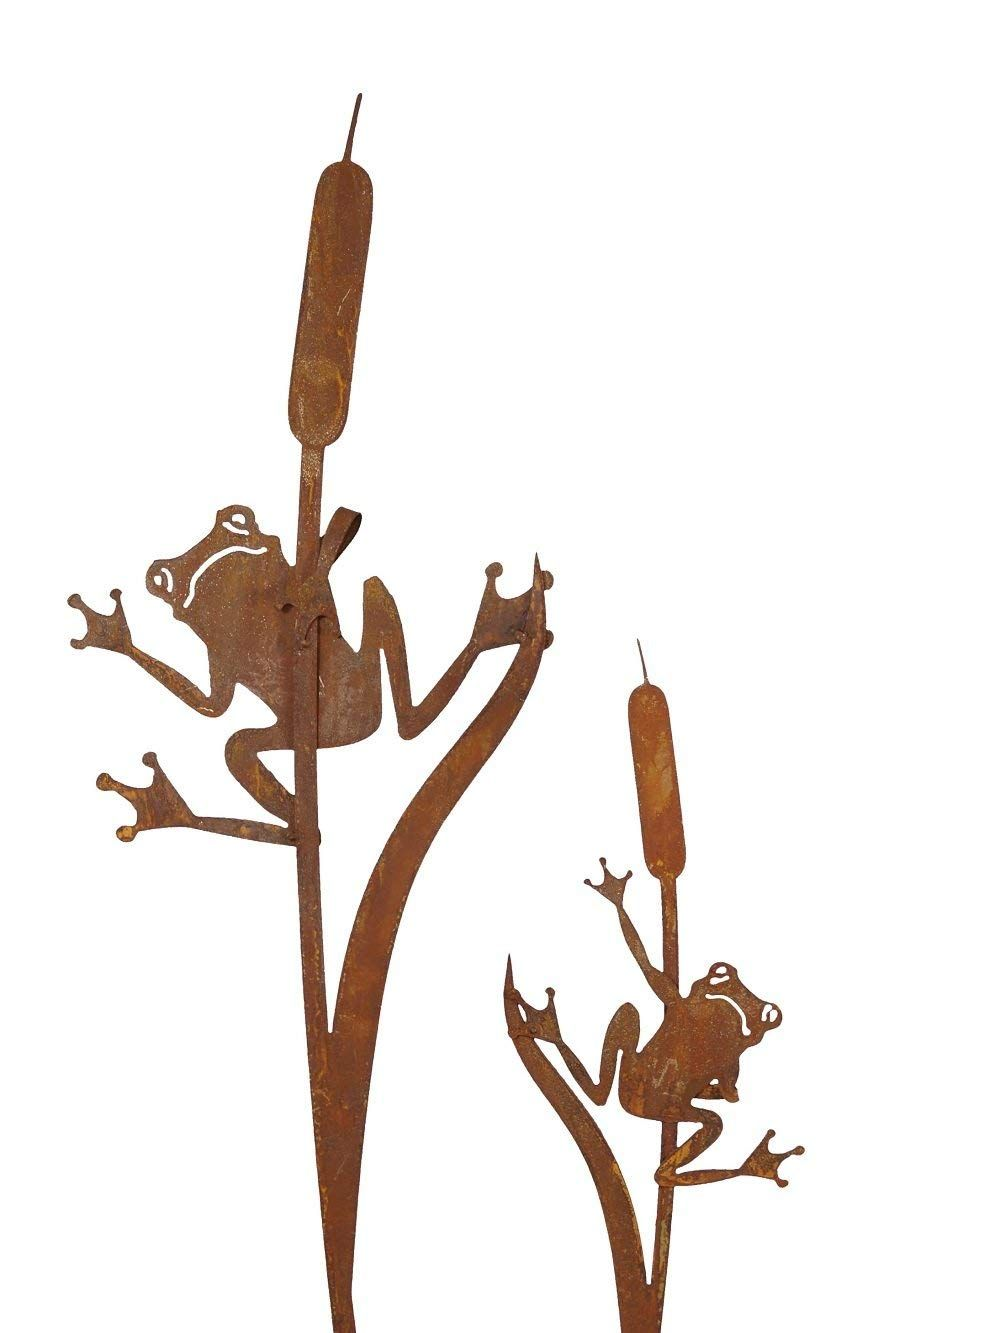 Saremo Rost Frosch An Schilf Stecker H Ca 120cm Garten Deko Edelrost Design Amazon De Garten Metallwände Edelrost Kunst Aus Metall